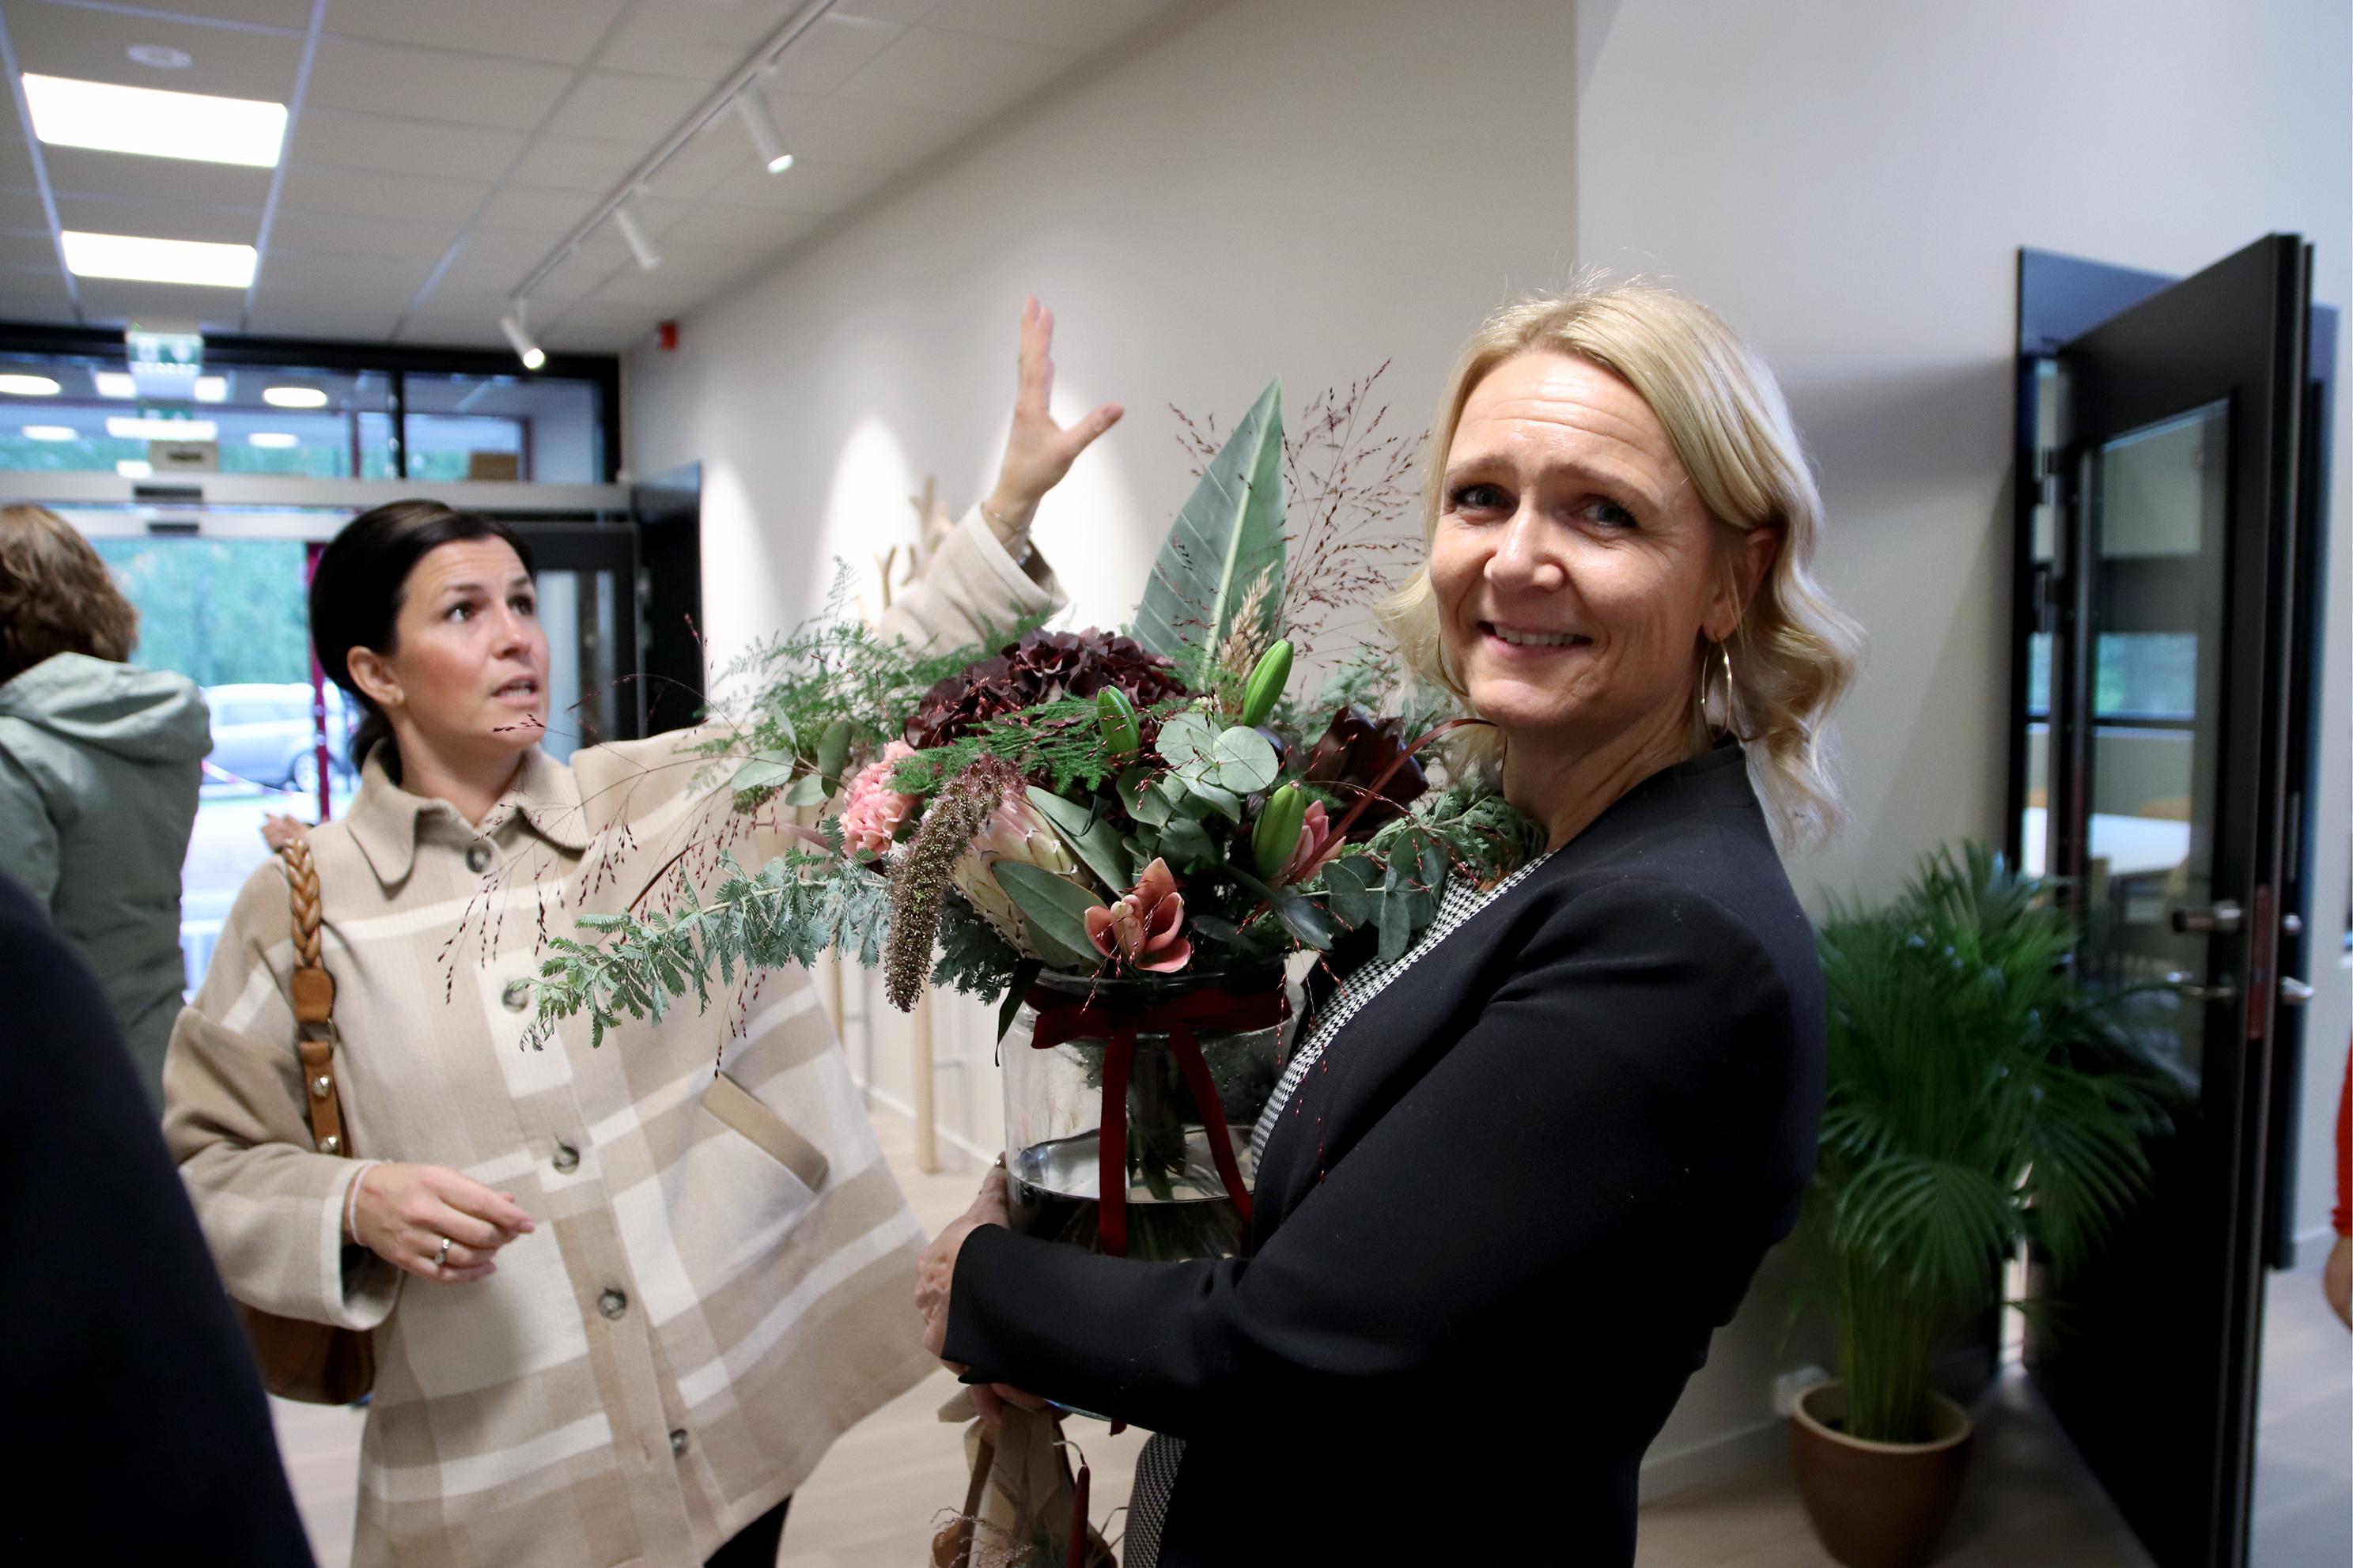 Kvinnelig leder mottar blomster på åpningen av nytt kurssenter.